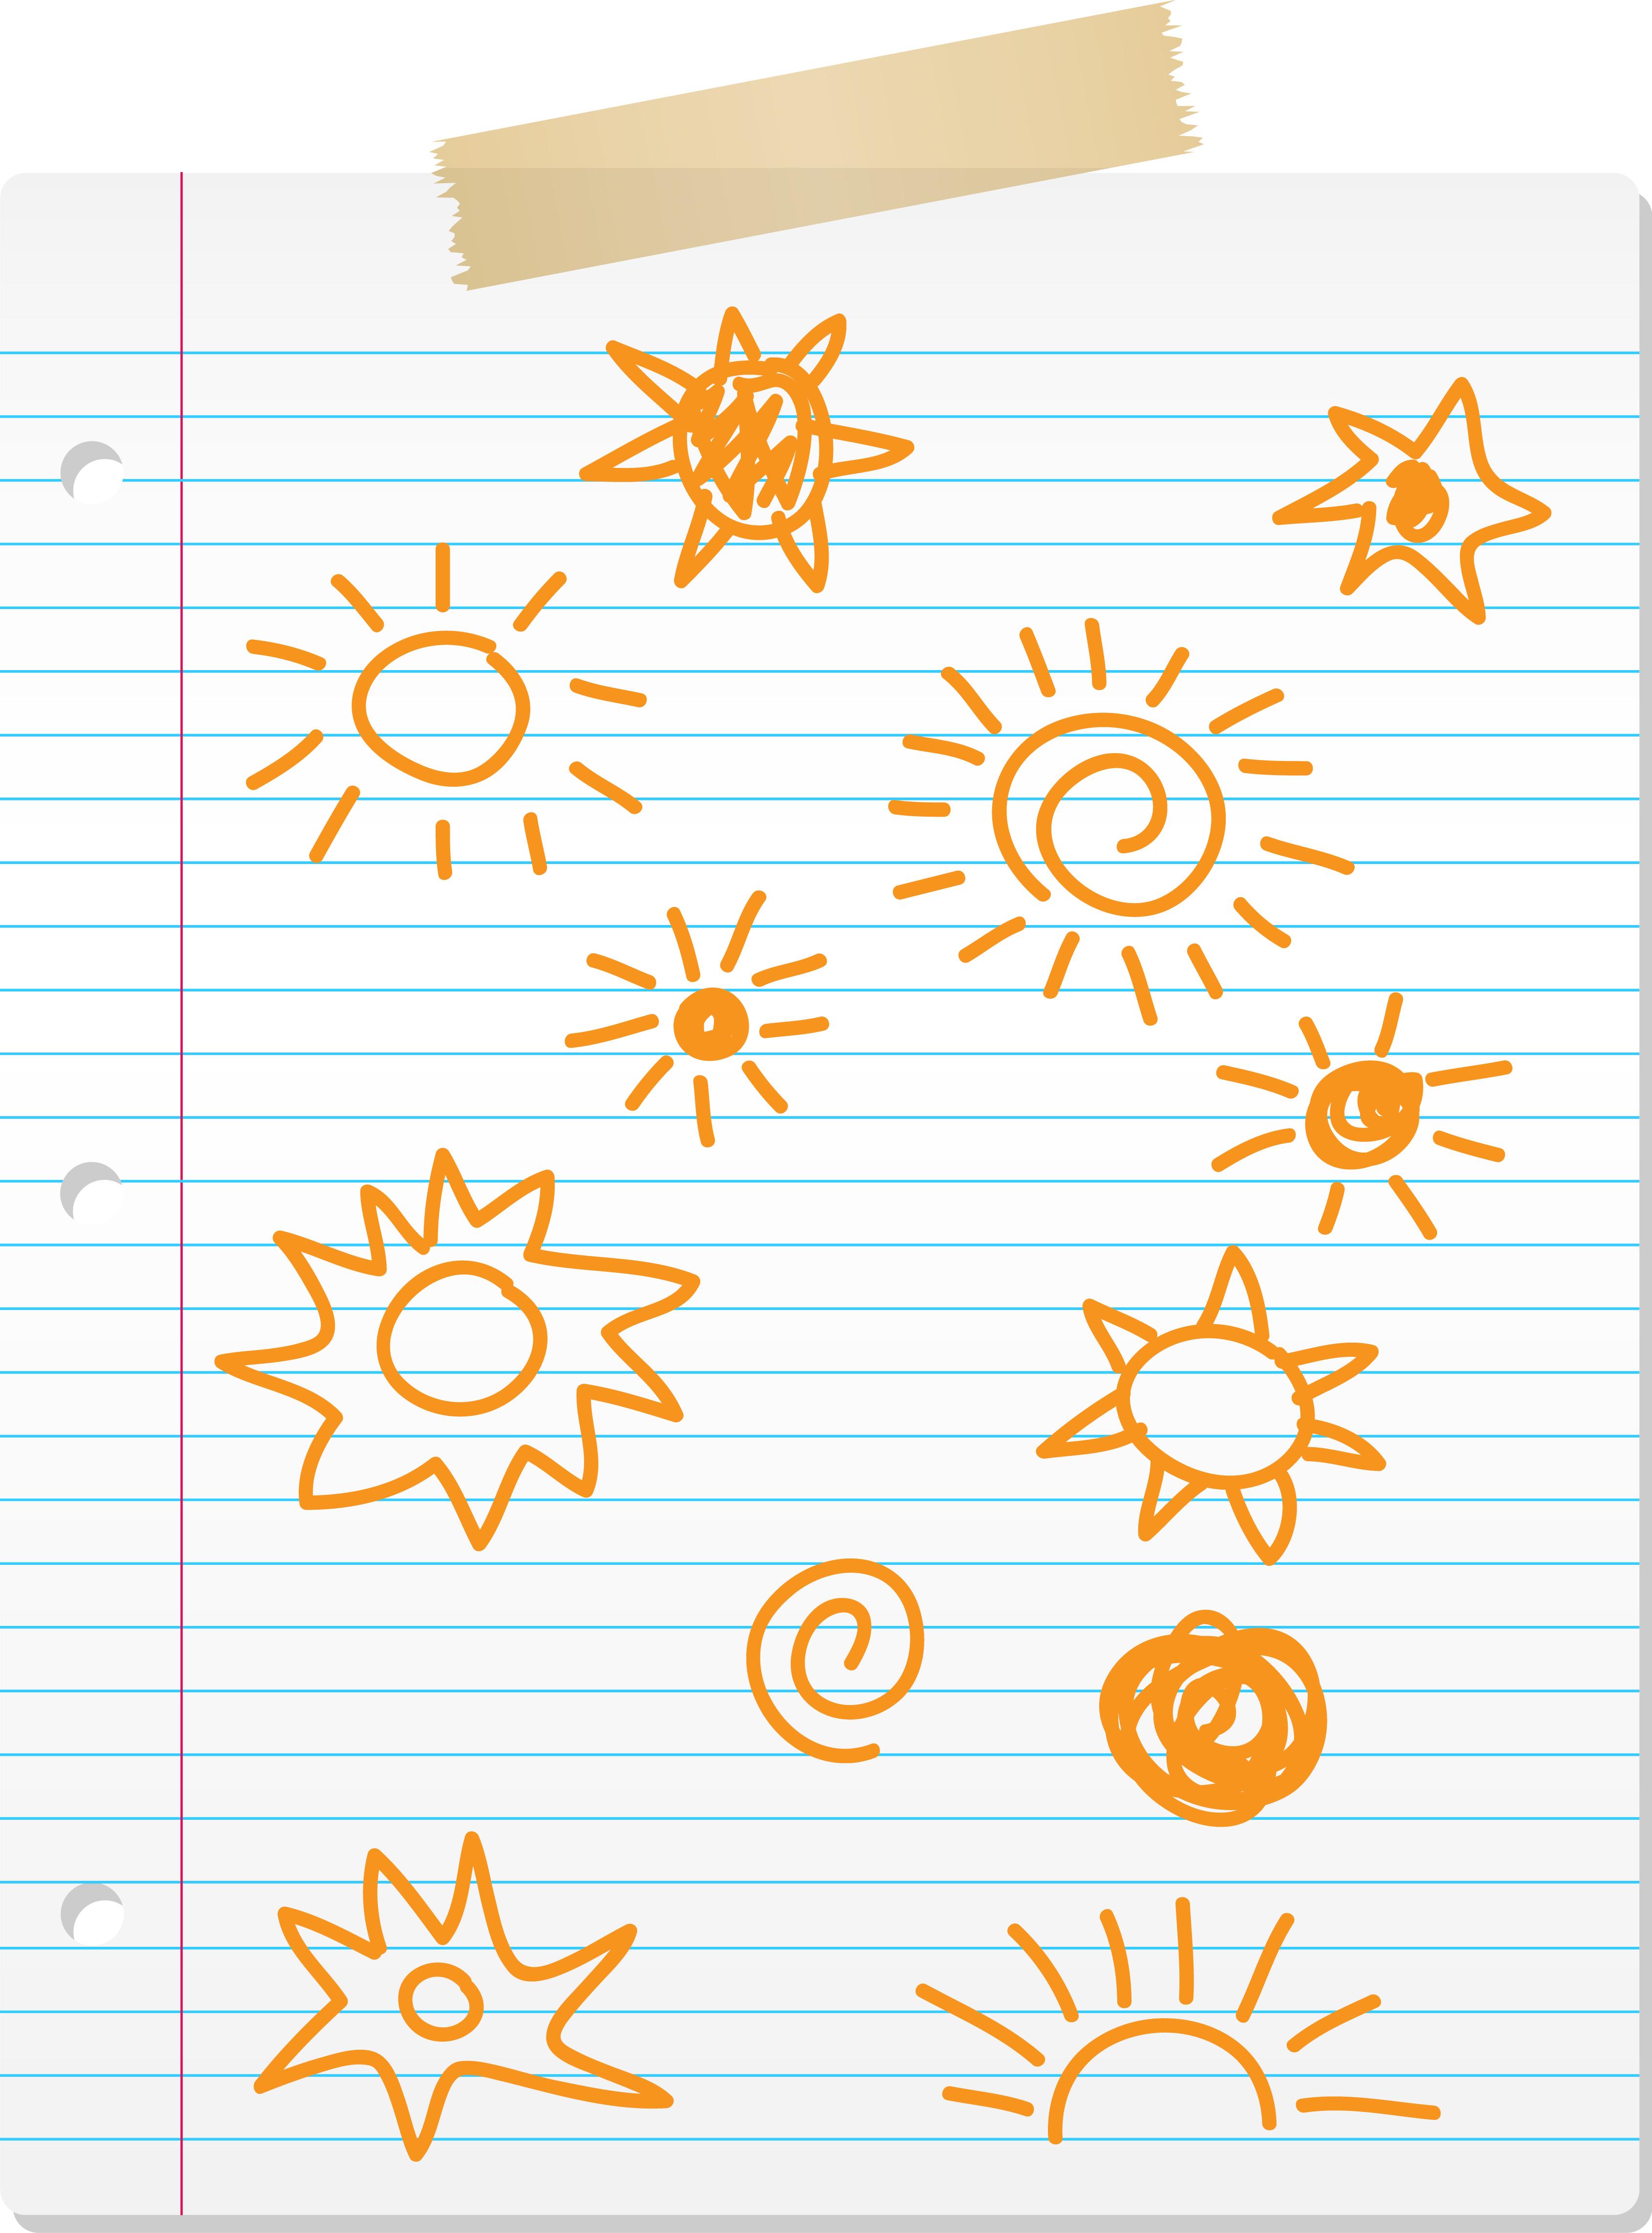 Garabatos de sol dibujados a mano en papel rayado - Descargue ...